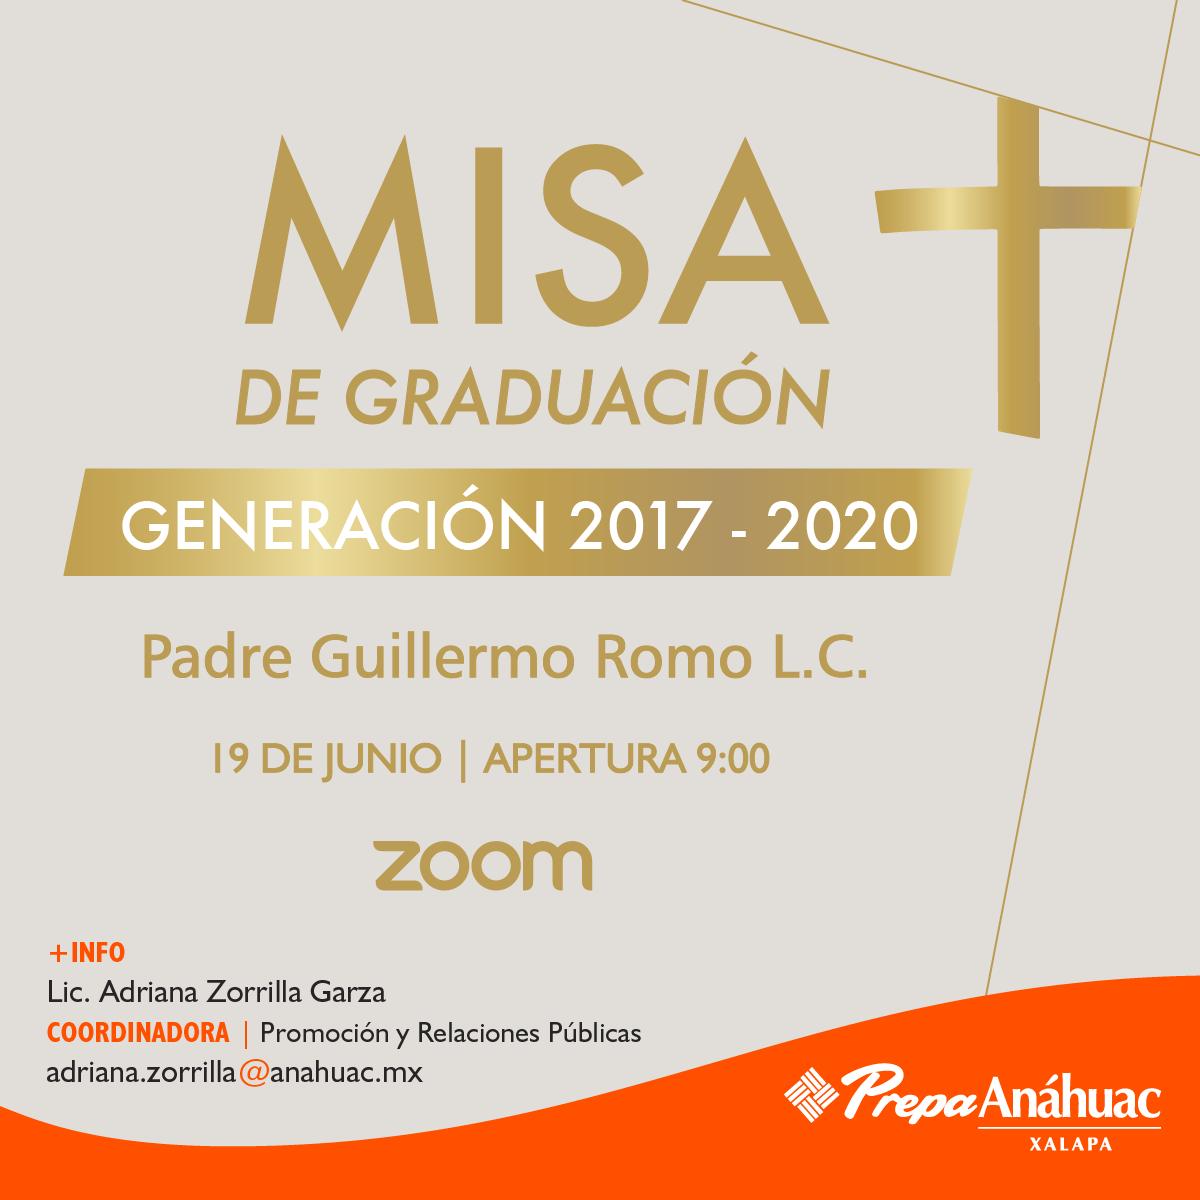 Misa de Graduación de la Generación 2017-2020